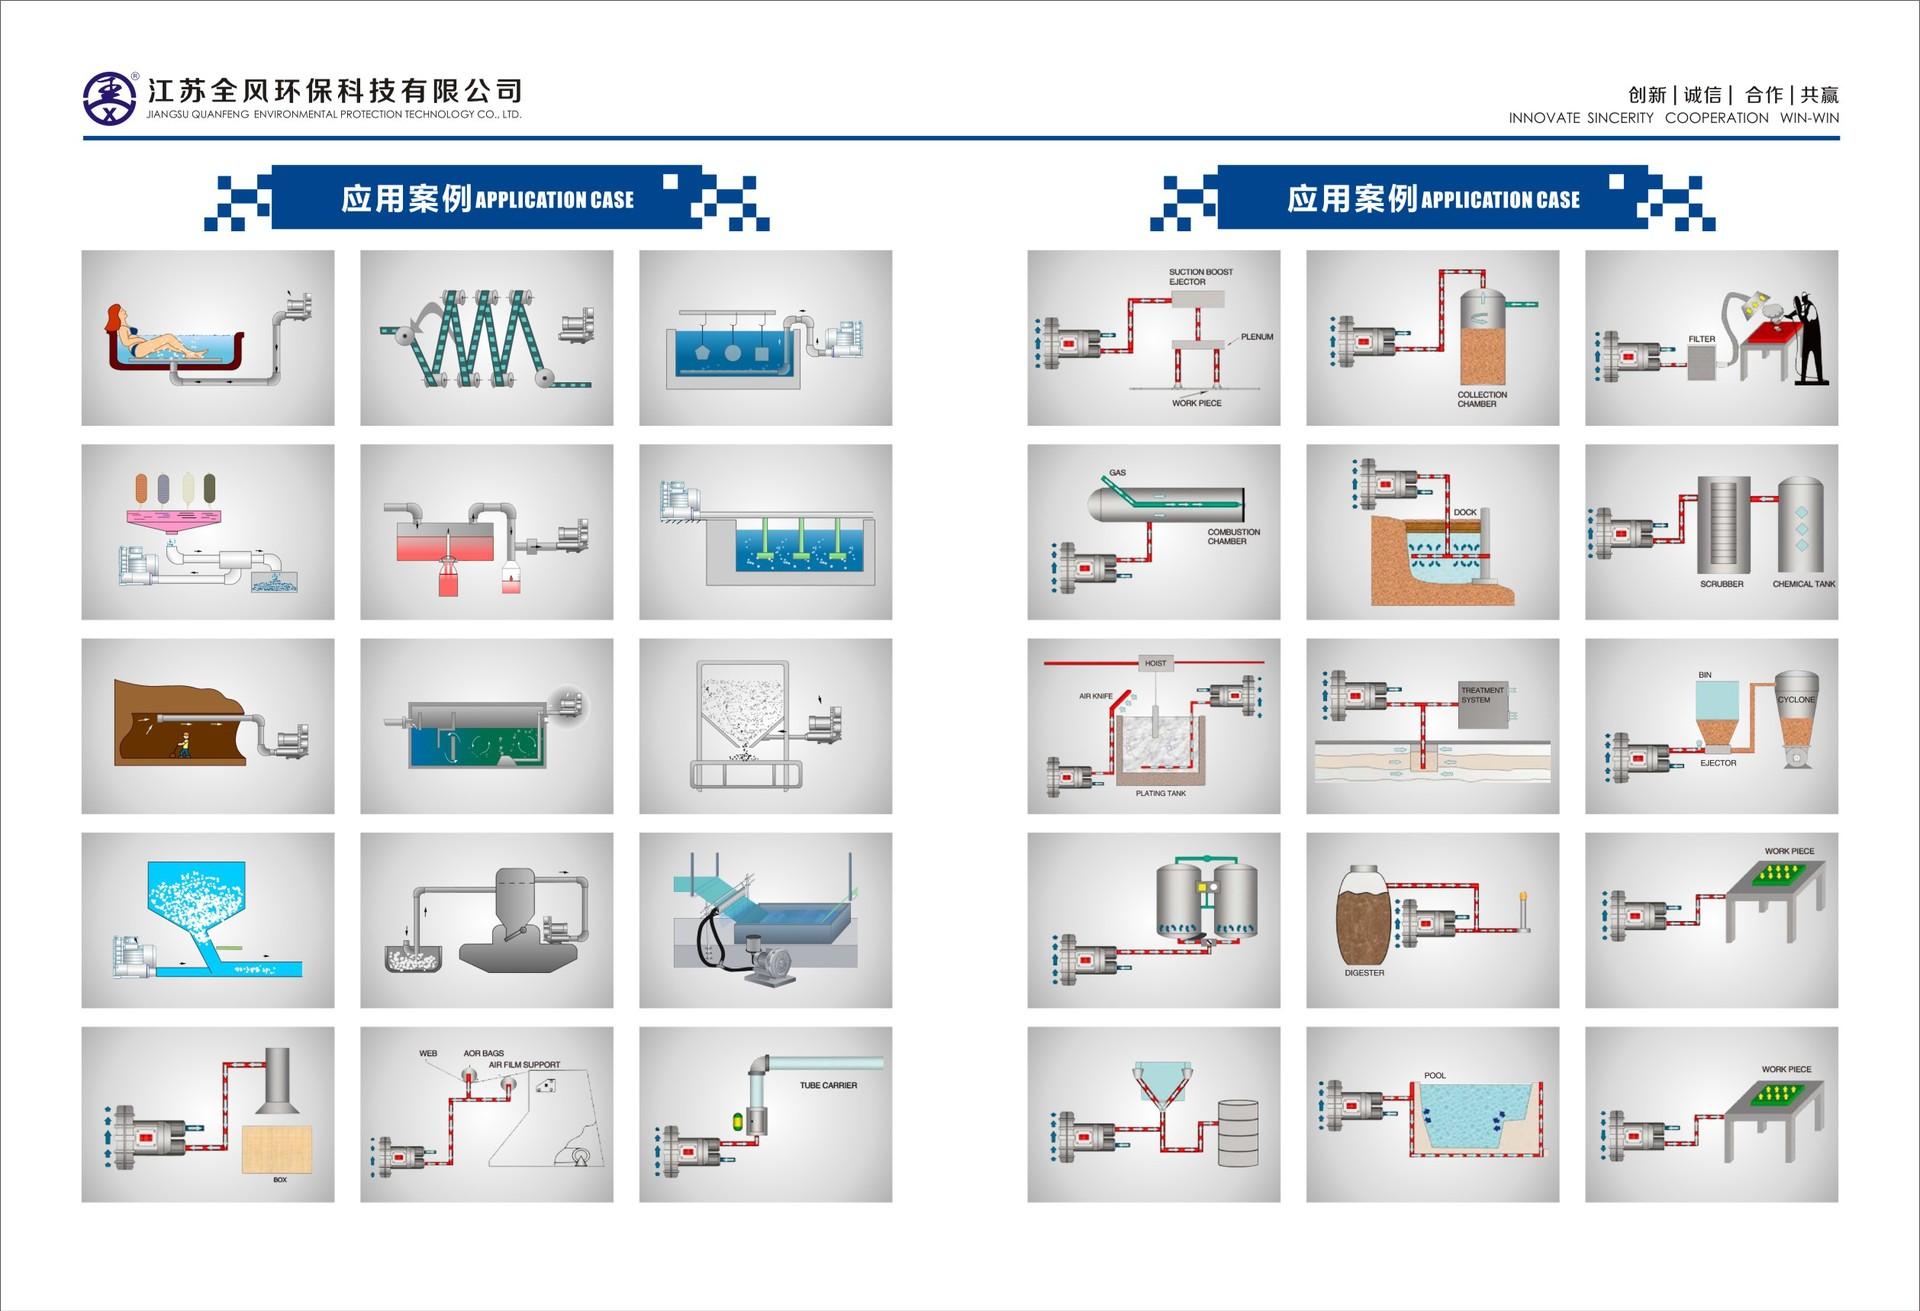 厂家TWYX高压风机 RB-72S-1 双极漩涡风机 鱼塘增氧泵 江苏全风厂家示例图3